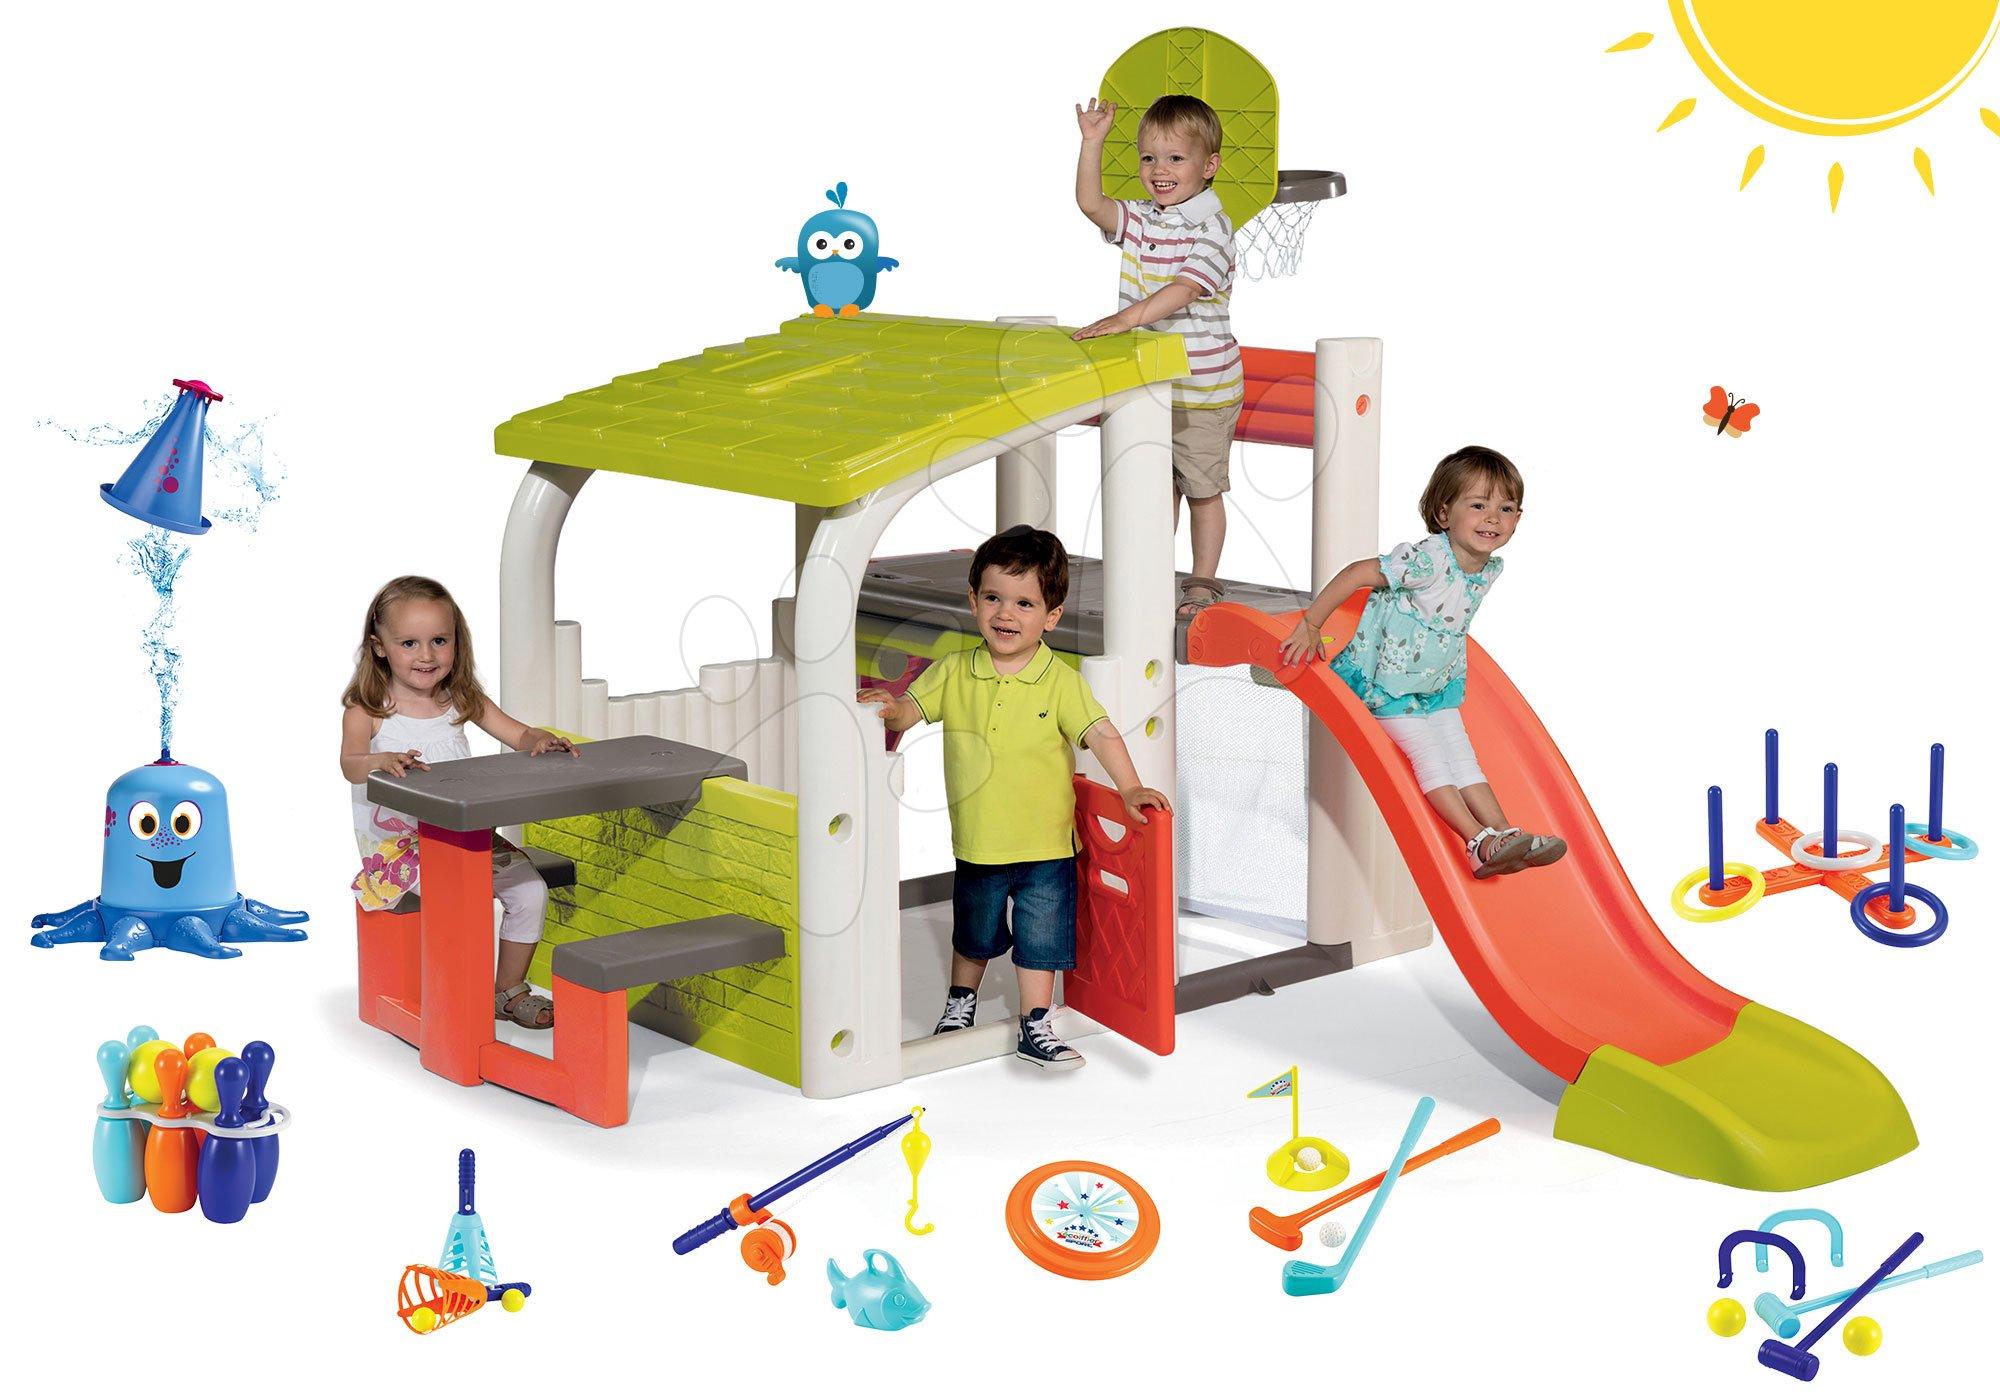 Hracie centrá - Set hracie centrum Fun Center Smoby so šmykľavkou dlhou 150 cm striekajúca vodná chobotnica a 7 športových hier